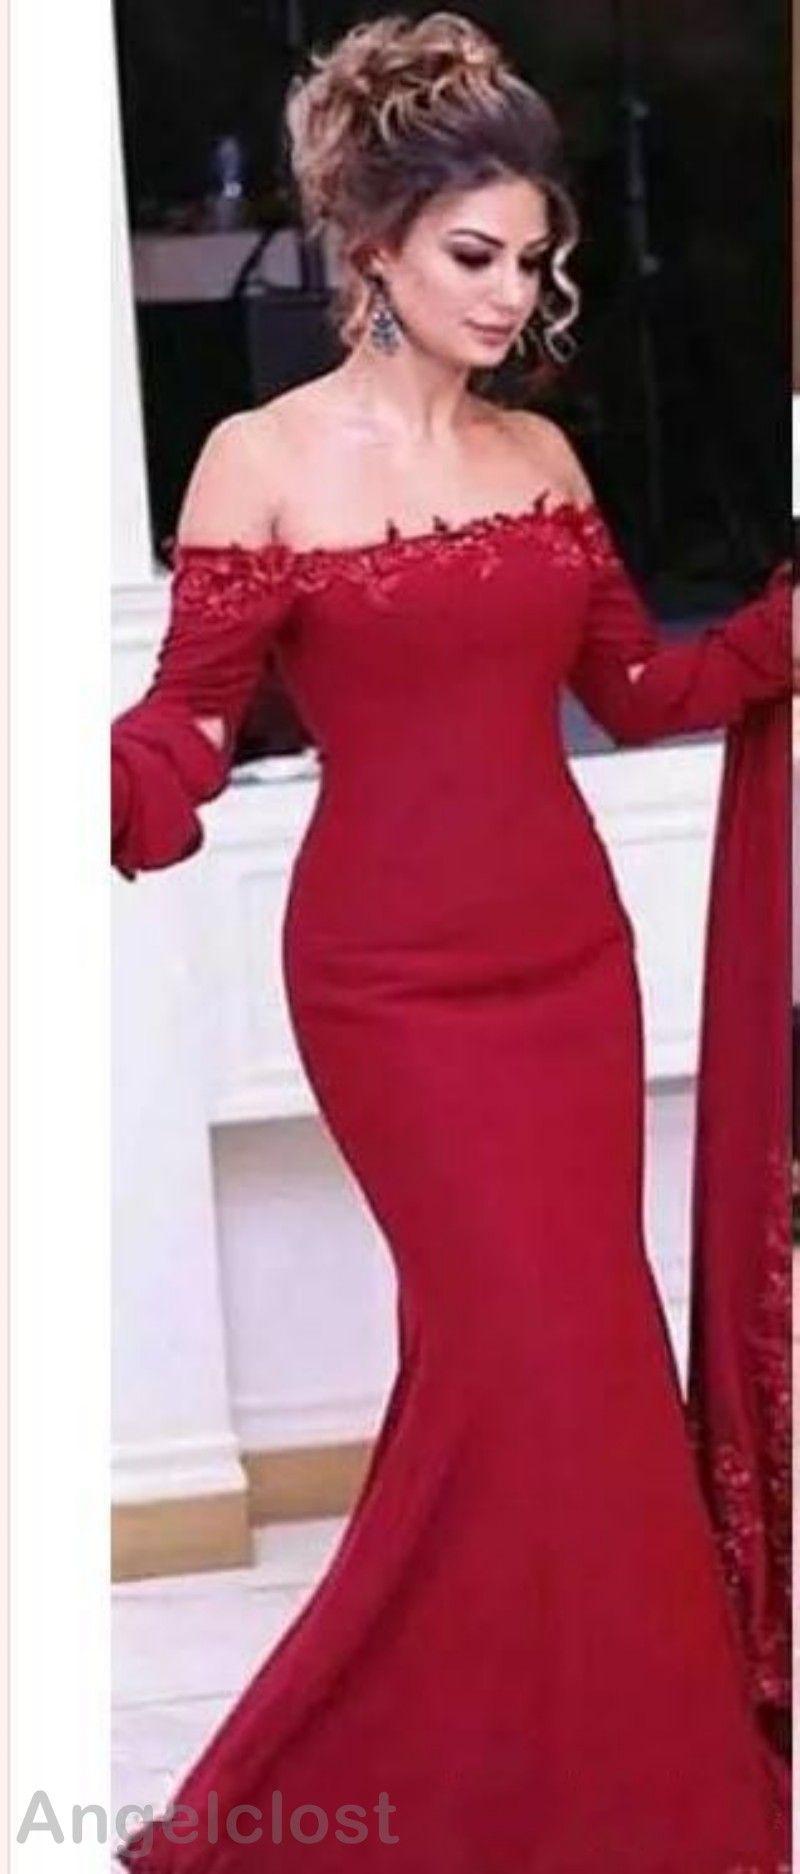 Dunkelrote Meerjungfrau Abendkleider 2019 Schulterfrei Kurze Ärmel Bodenlange Spitze Applikationen Elegante Prom Party Kleider Nach Maß Arabisch